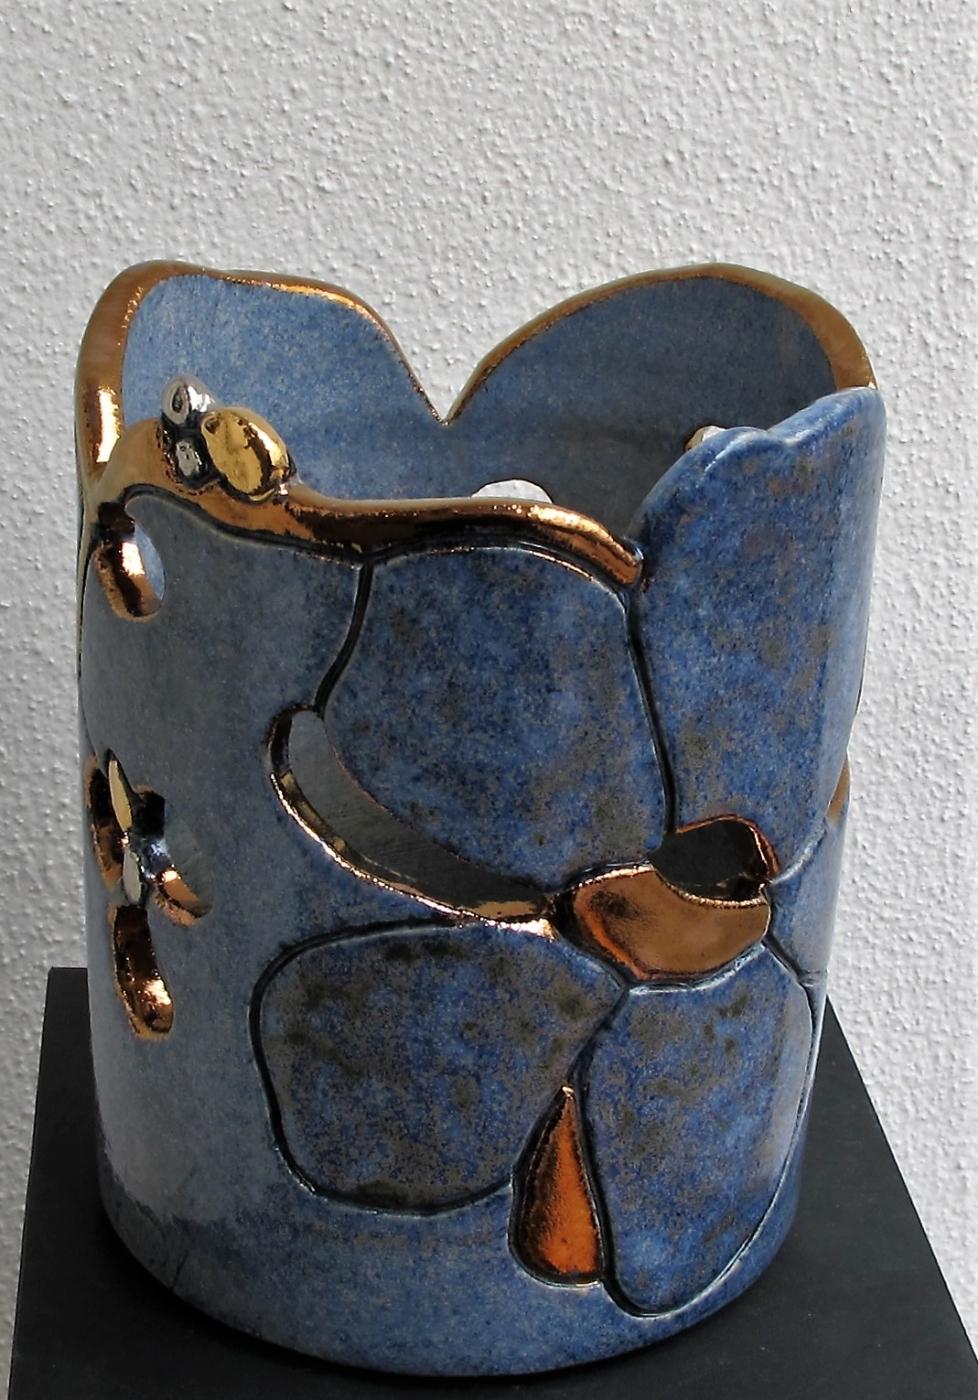 potte lille  til lys m. blomst og metal | Keramik